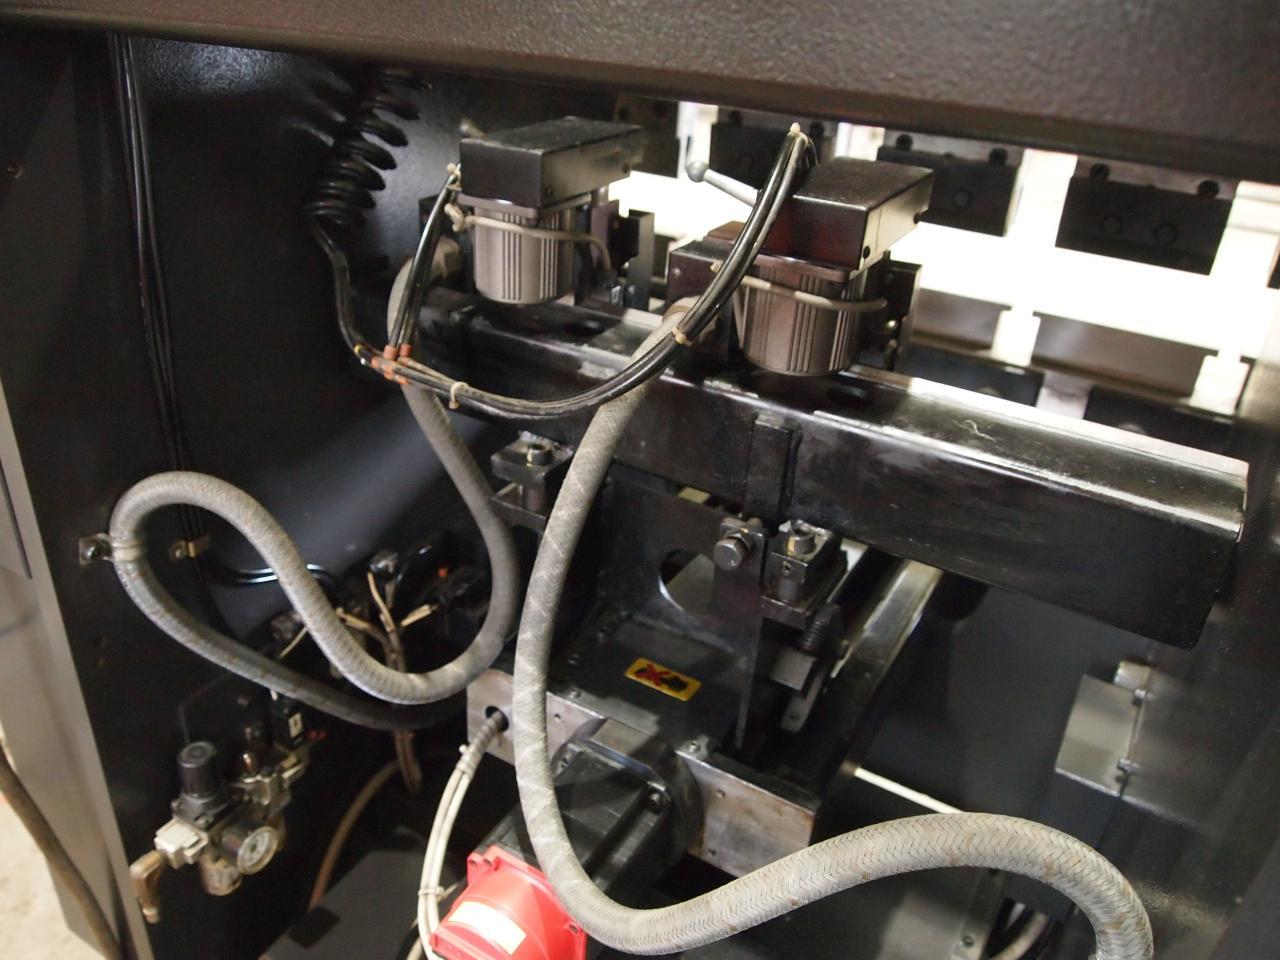 FMB-208本体背面・バックゲージ突き当て